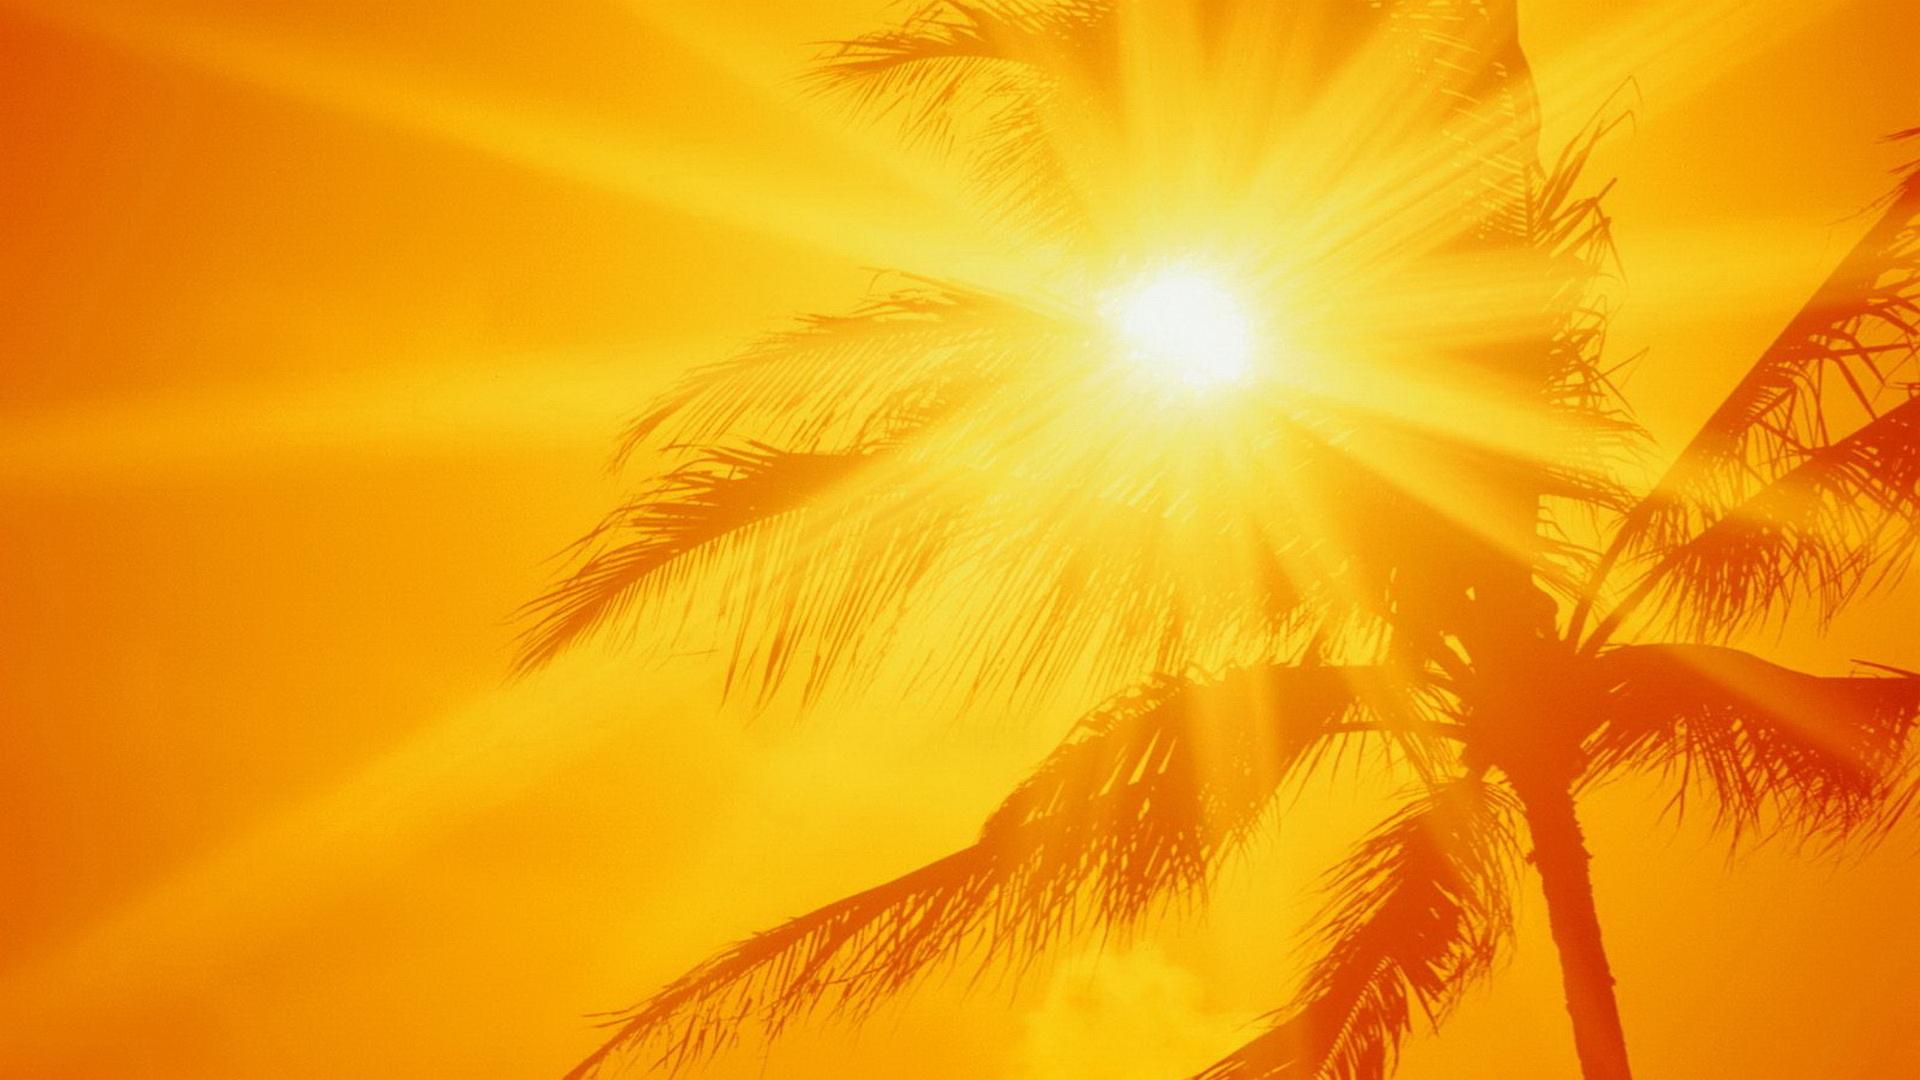 солнце, пальмы, лето, небо, скачать фото